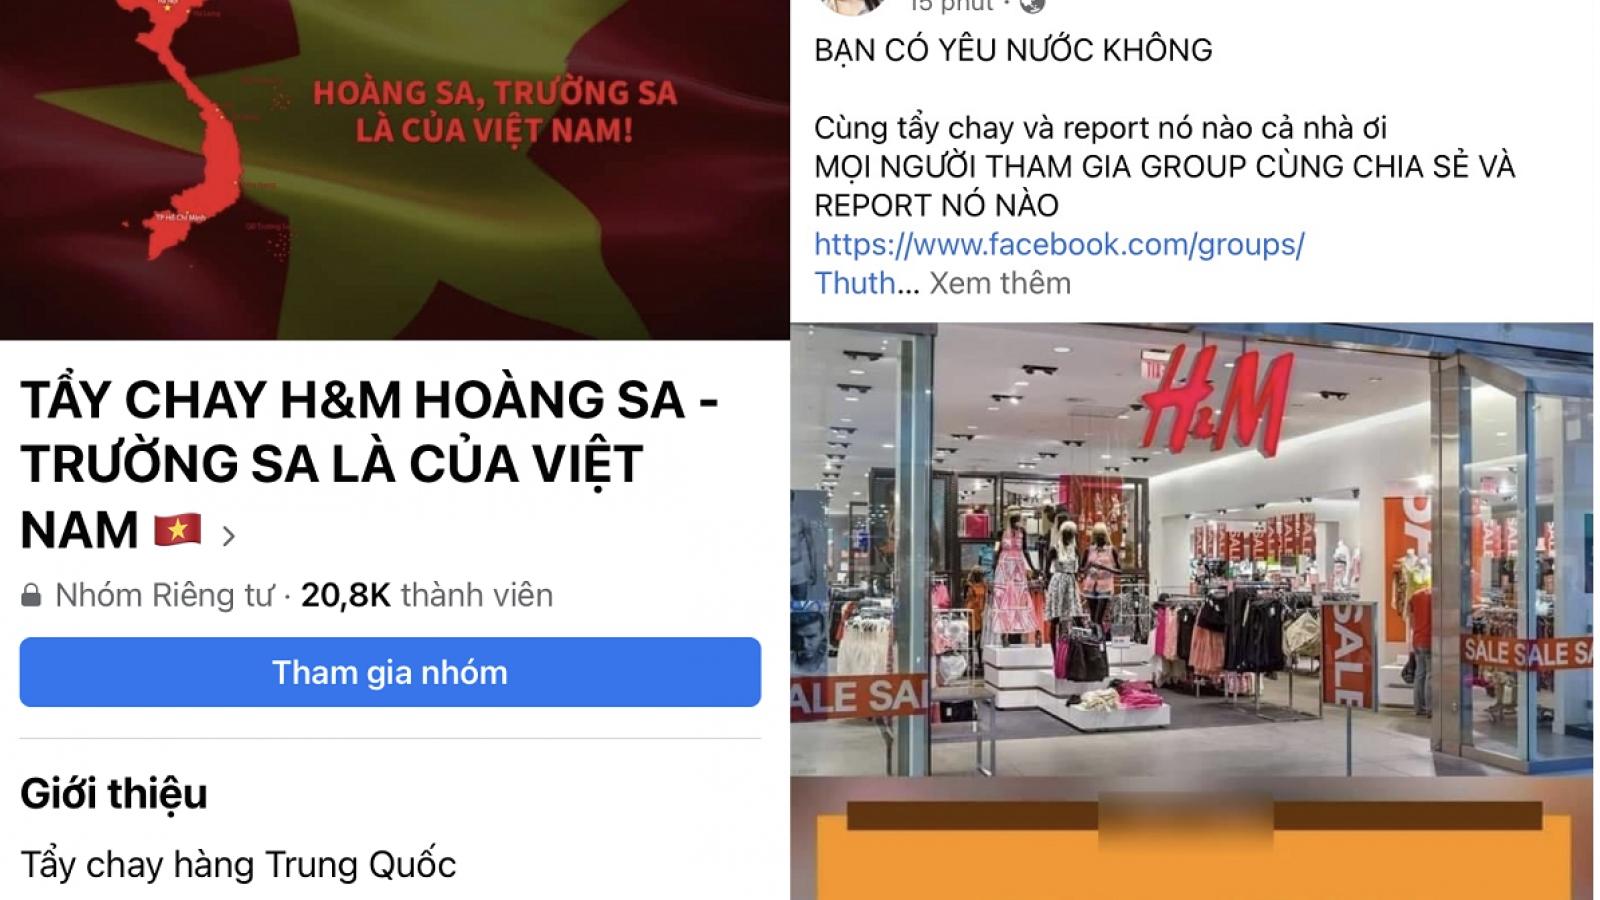 Cộng đồng mạng Việt Nam phản ứng gay gắt khi nghe tin H&M sửa bản đồ liên quan chủ quyền